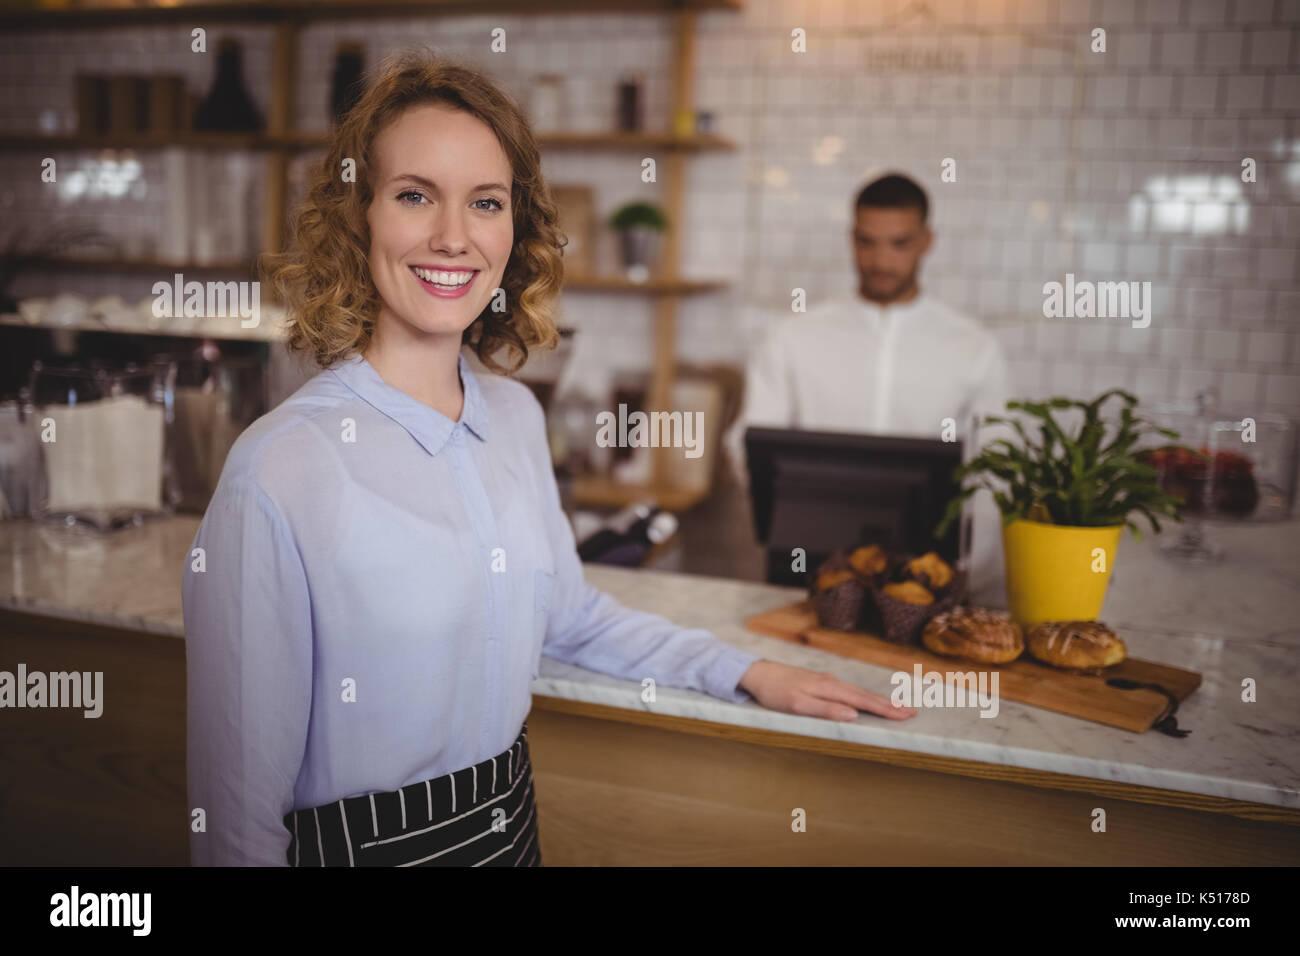 Retrato de seguros camarera por contador permanente en la cafetería Imagen De Stock